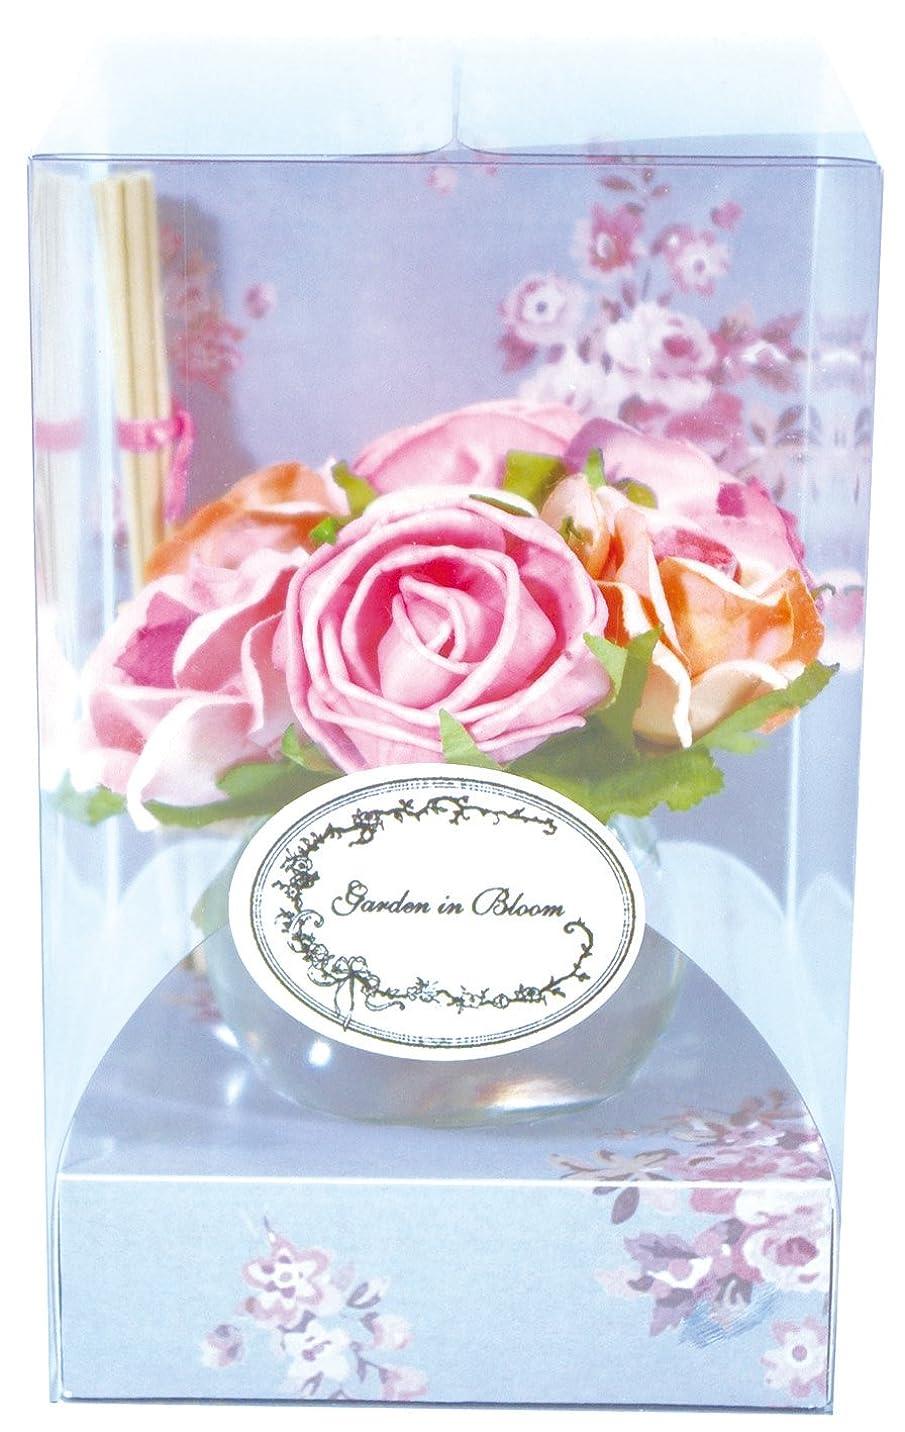 アートディレイ葉っぱノルコーポレーション ガーデンインブルーム ルームフレグランス ローズベルジュの香り 70ml OA-GIB-2-1